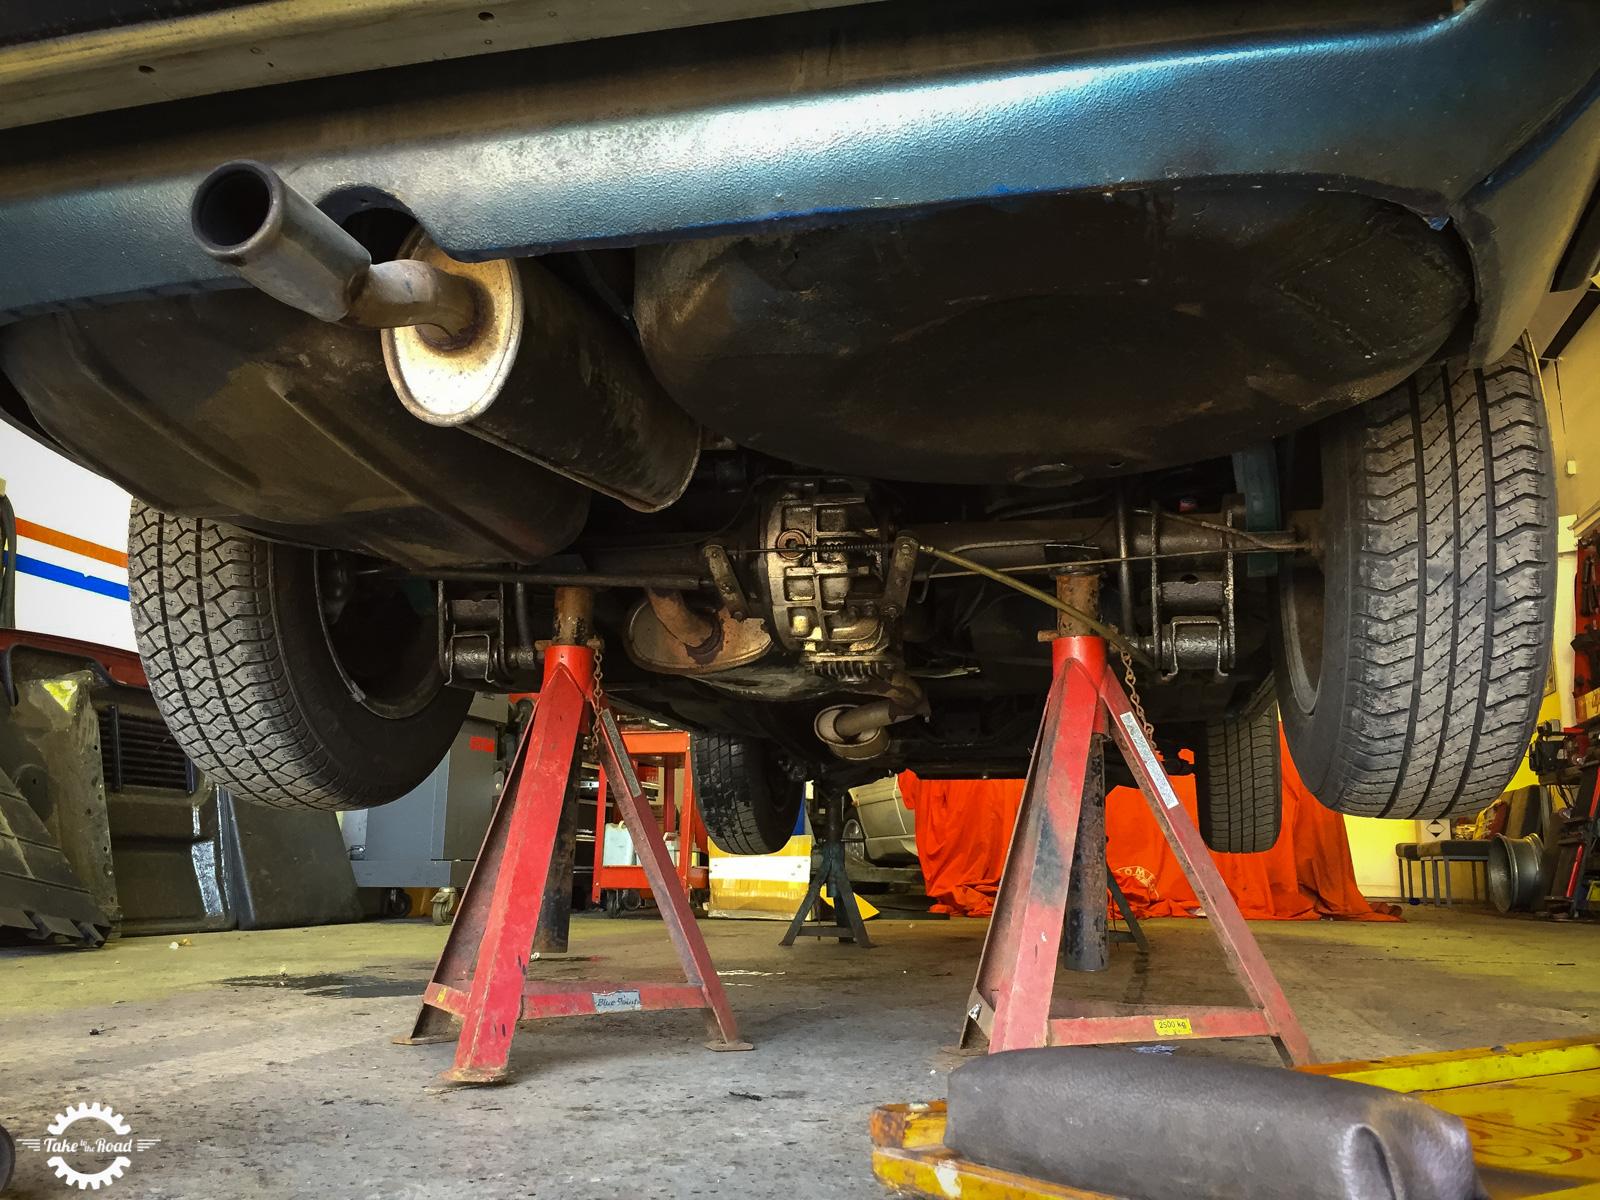 Preventative maintenance for a classic car